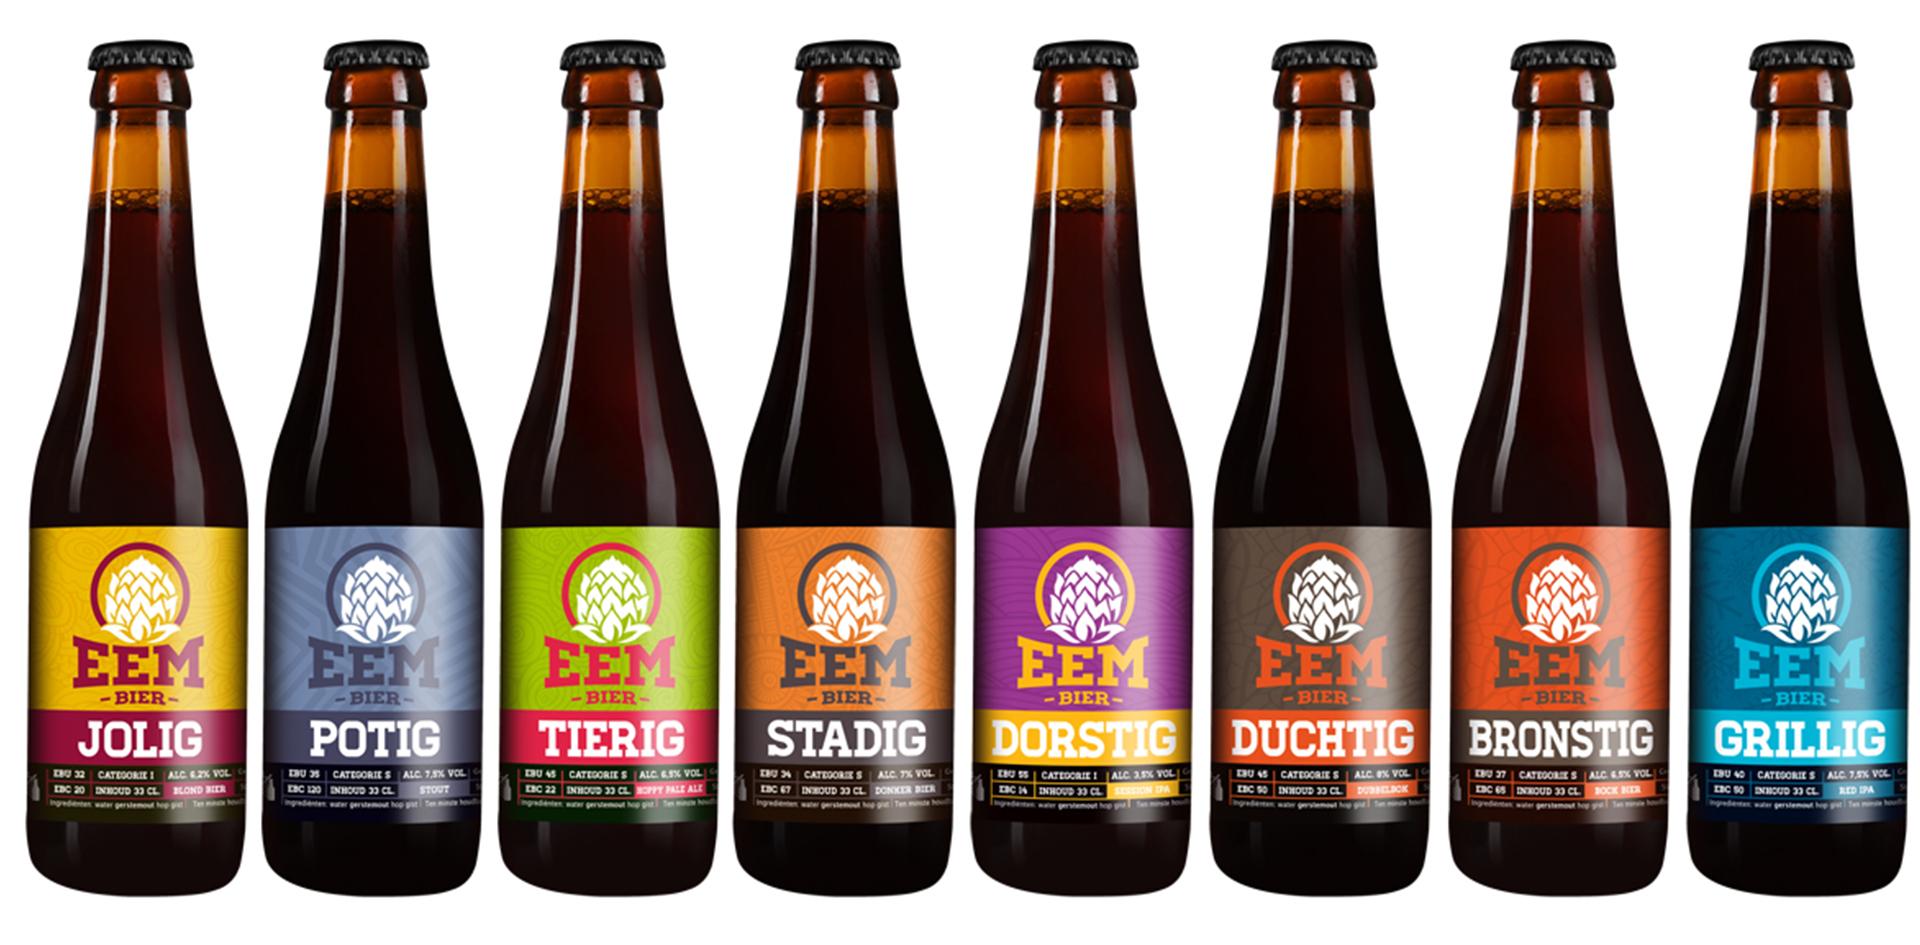 pils-bier-brouwerij-nederland-streekbier-amersfoort-eem-foto-02